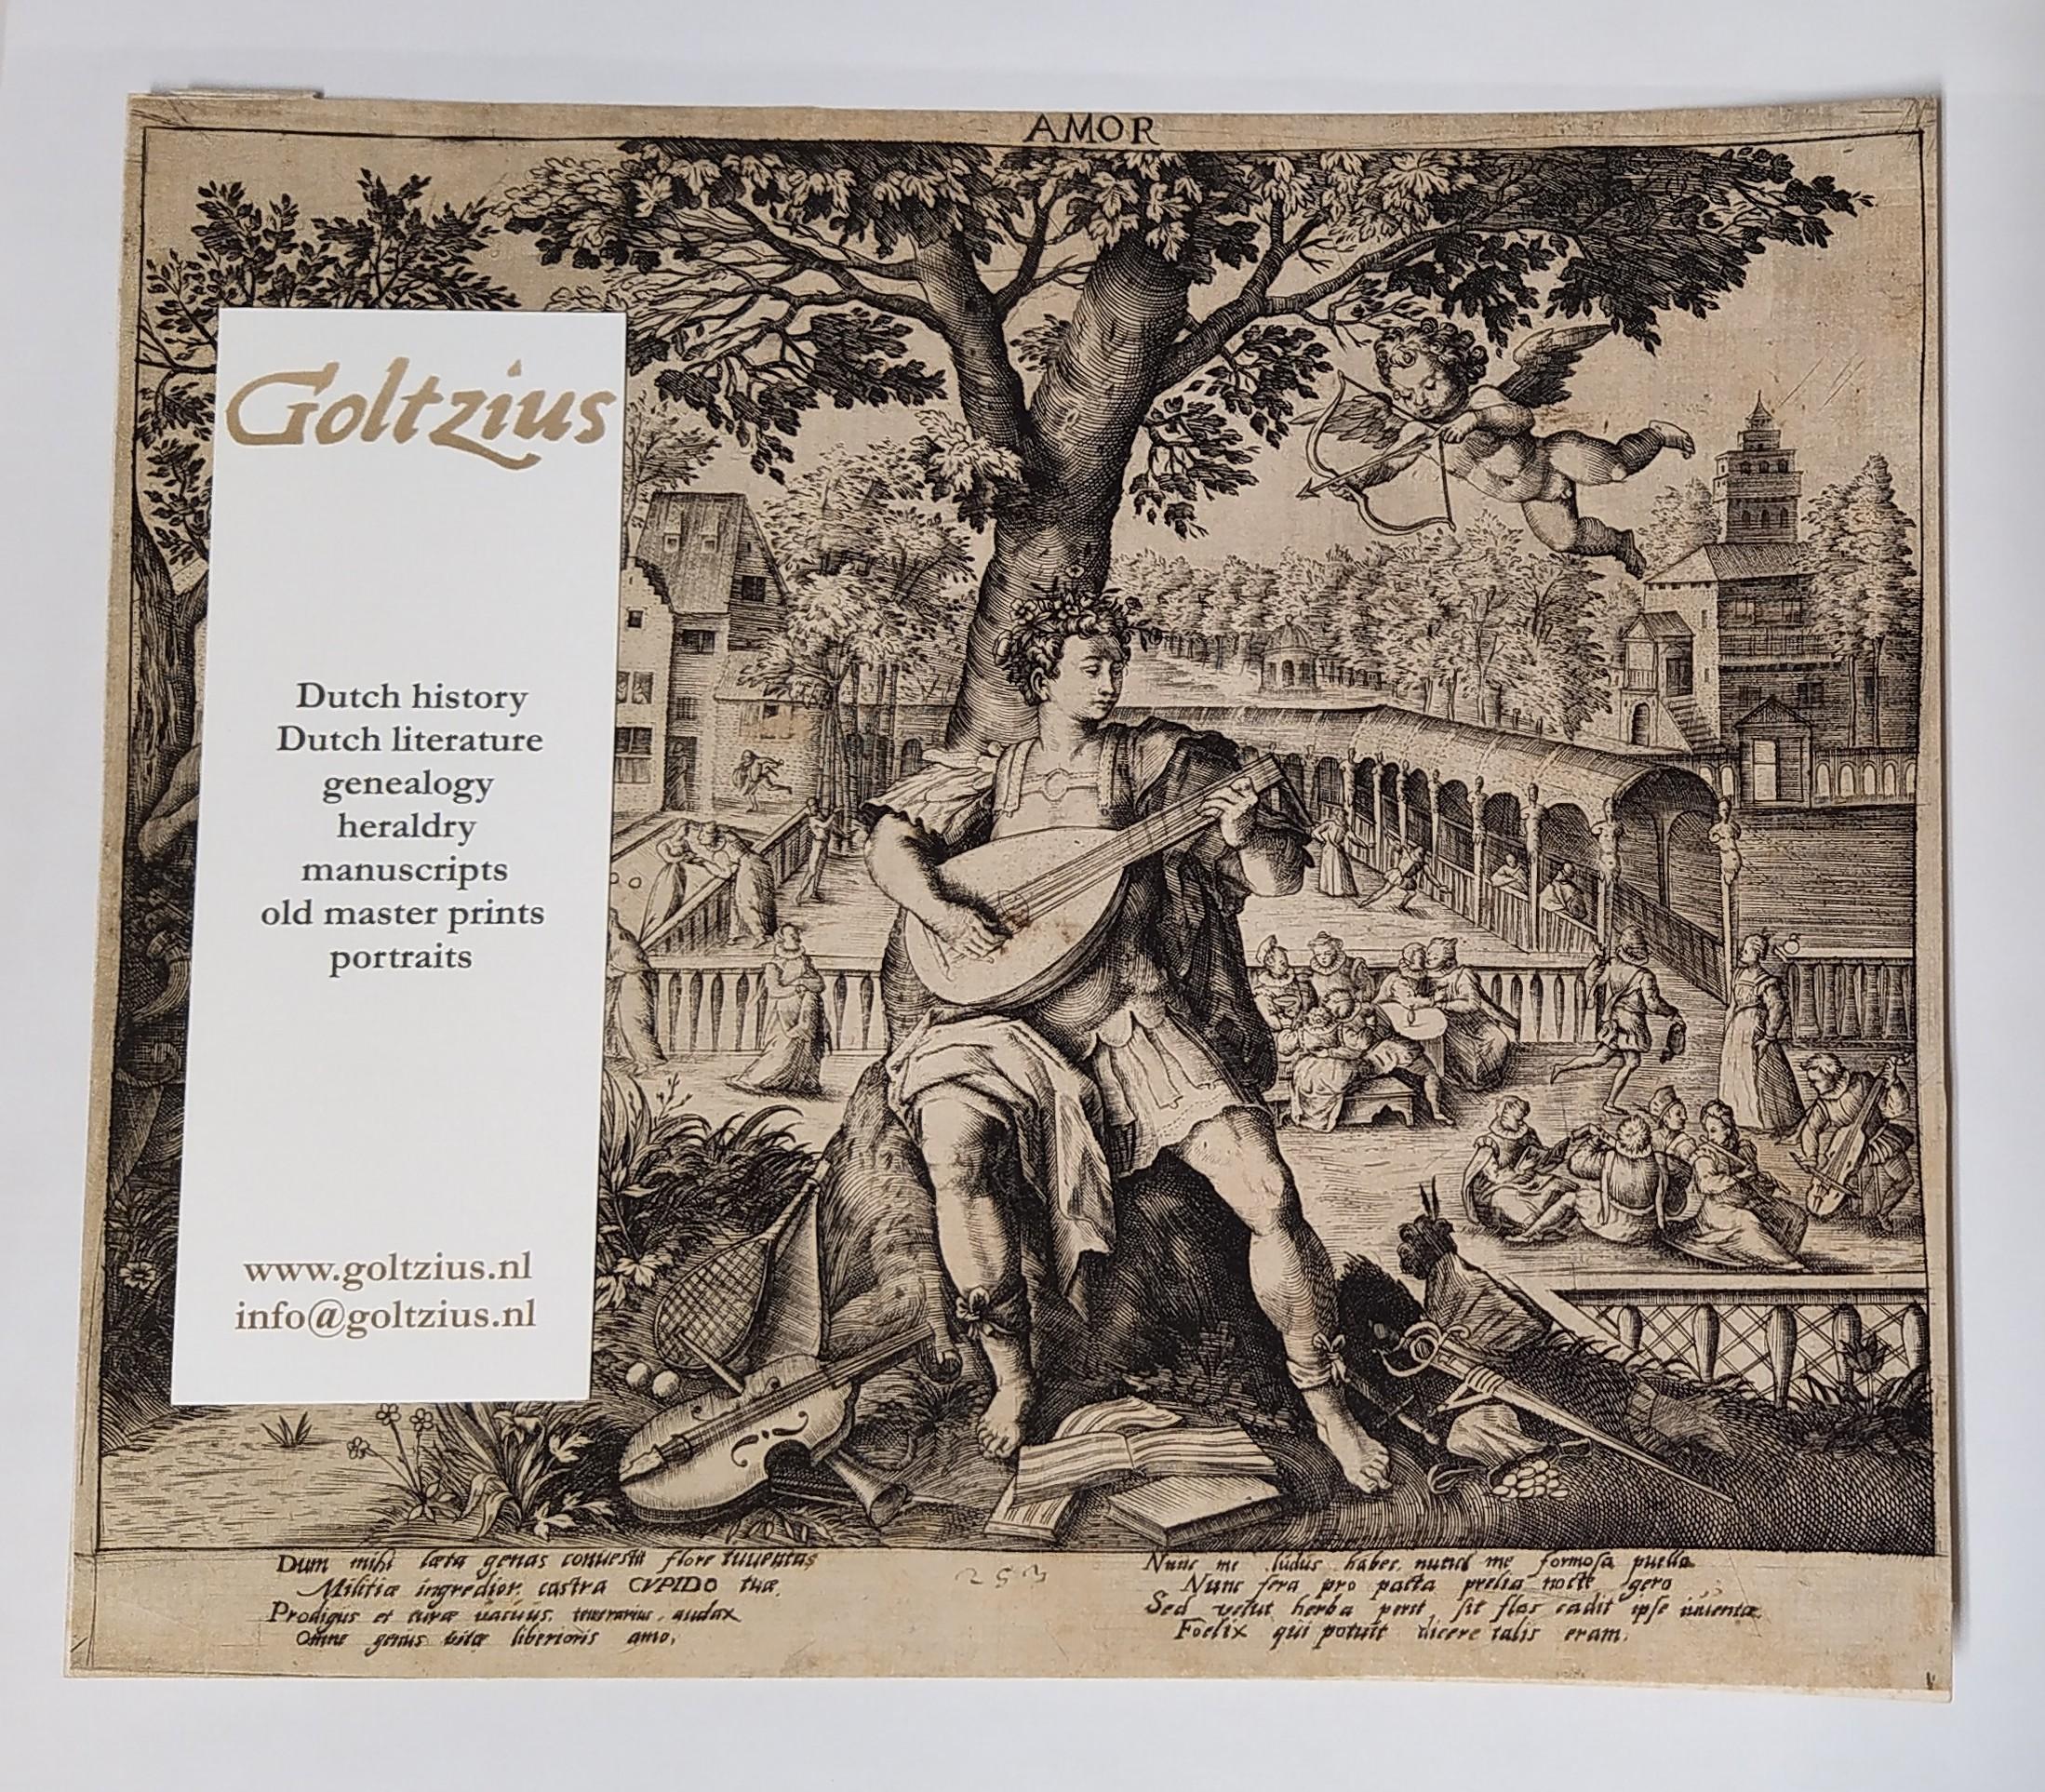 copy after Vos, Maarten de (1532-1603) after Sadeler, Raphael I (1560-1632) AMOR (four allegorical prints)